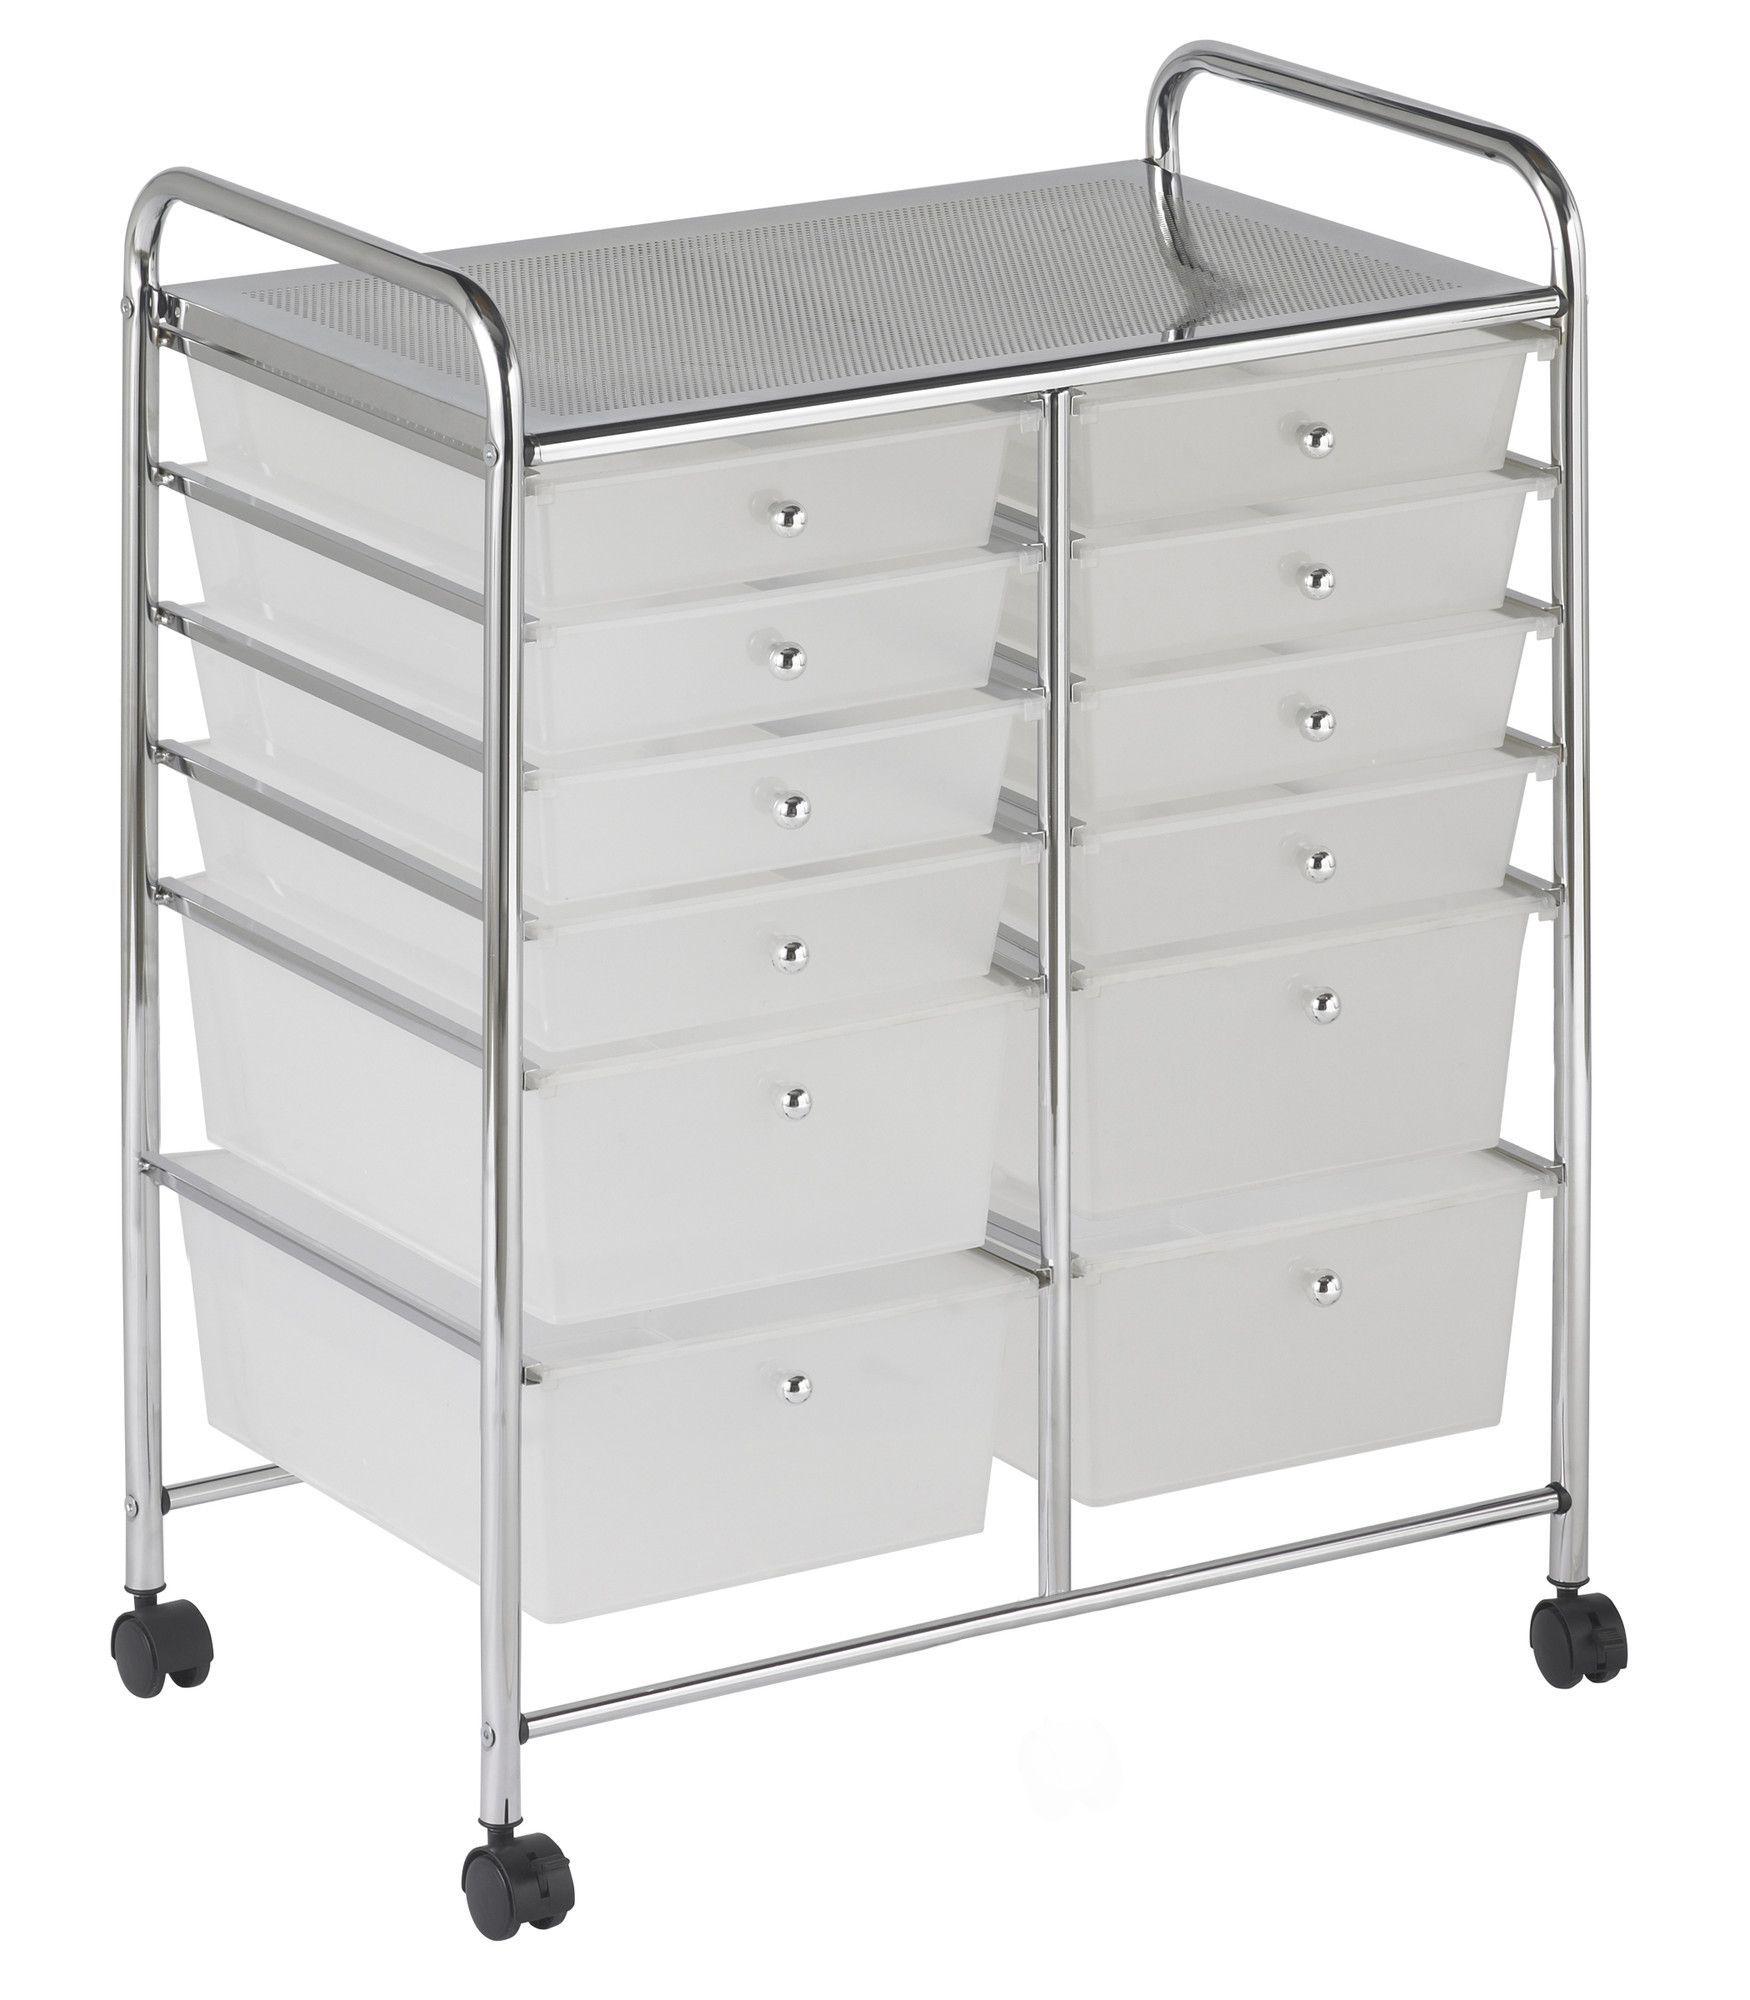 12 Drawer Storage Chest Mobile Organization Storage Drawers White Storage